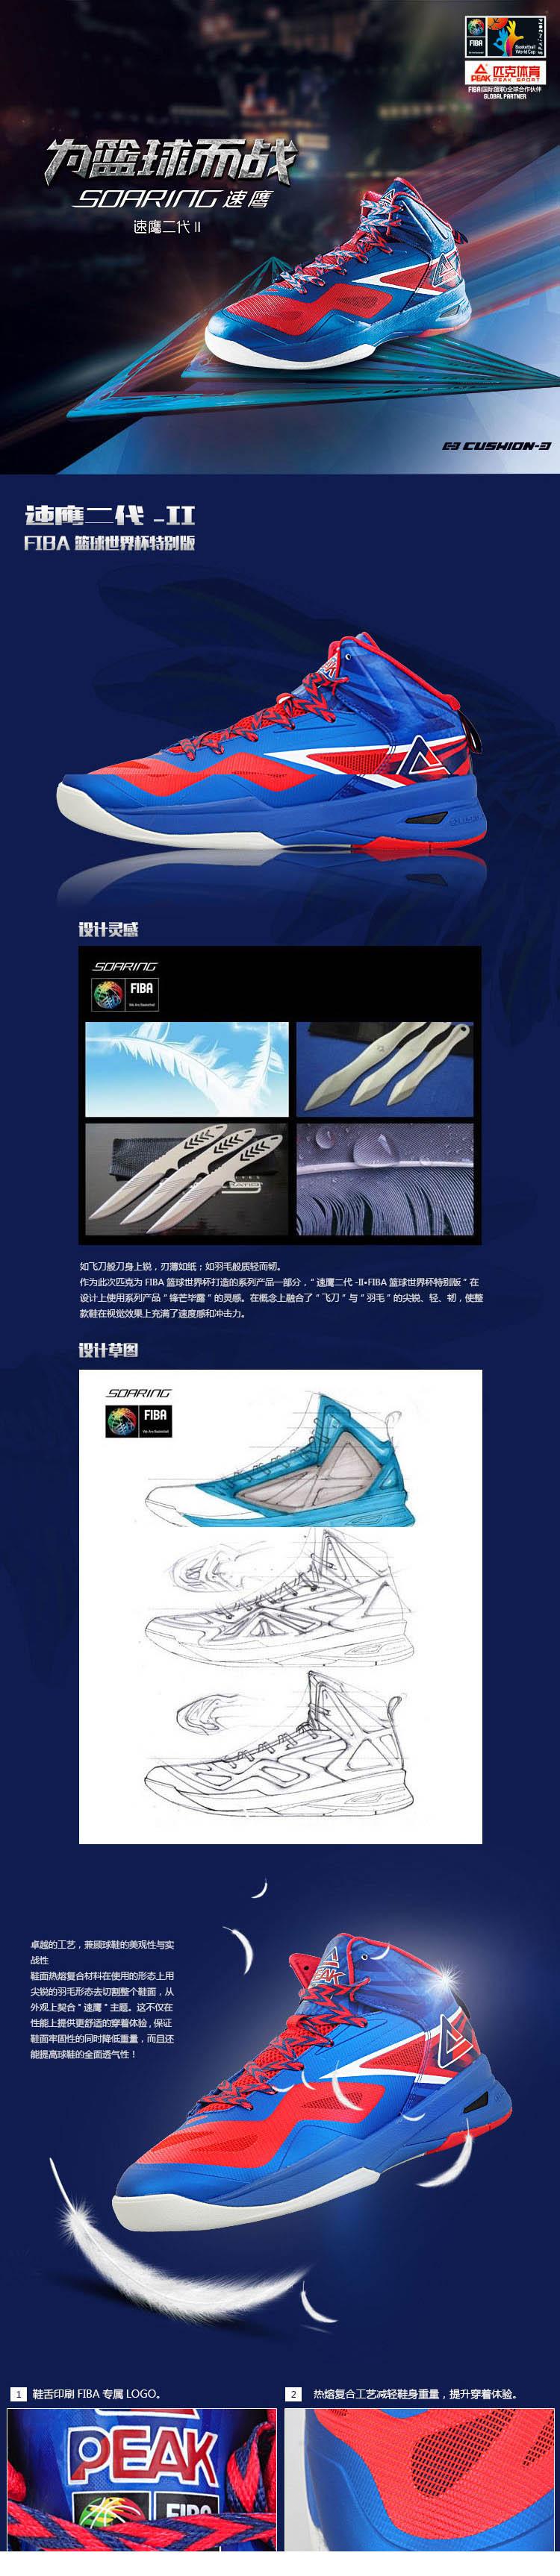 2014 FIBA Basketball World Cup Peak Soaring II Basketball Shoes